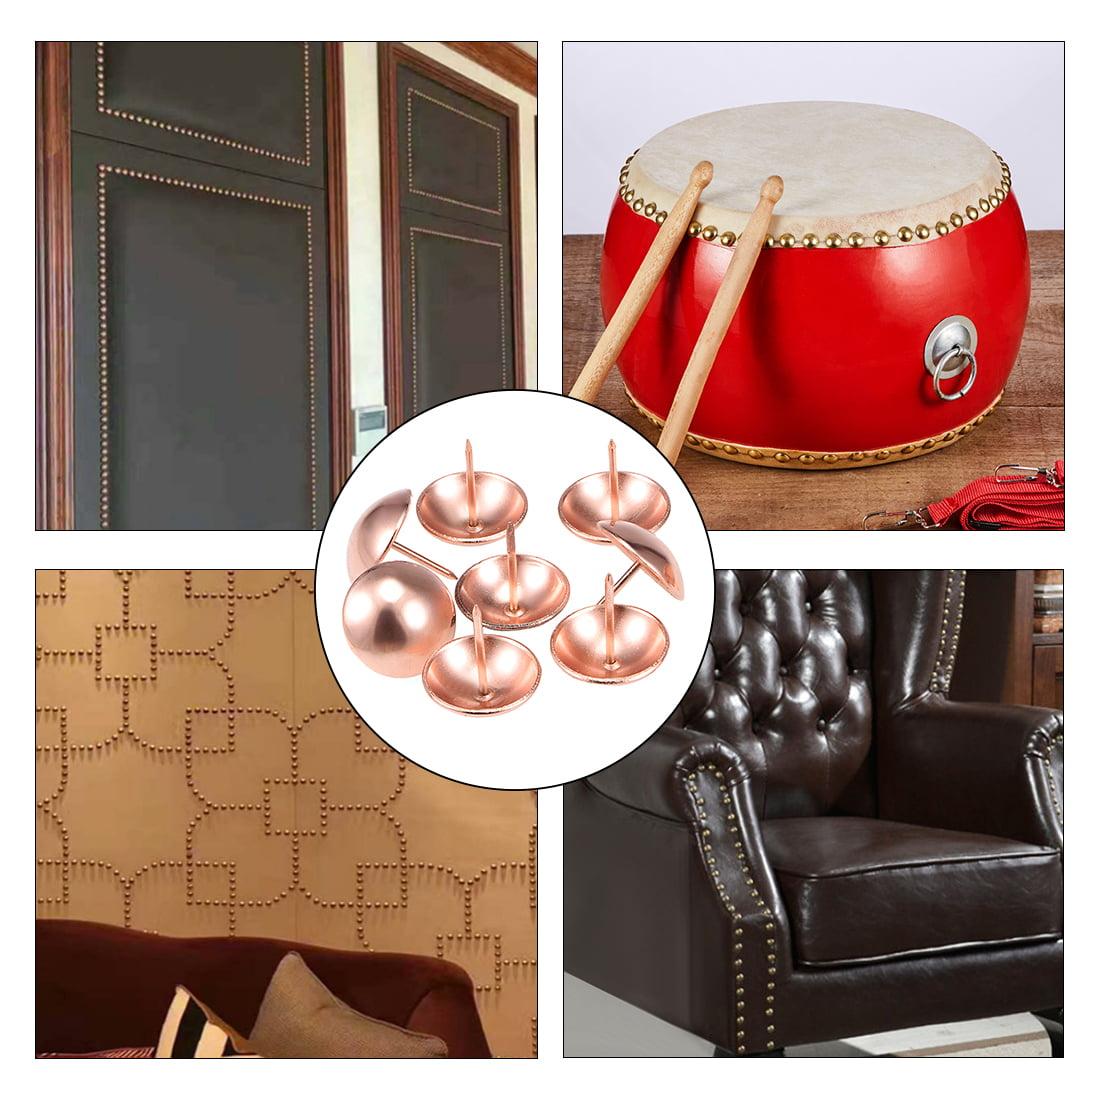 Upholstery Nails Tacks 25mmx25mm Round Thumb Push Pins Rose Gold Tone 10 Pcs - image 2 of 4